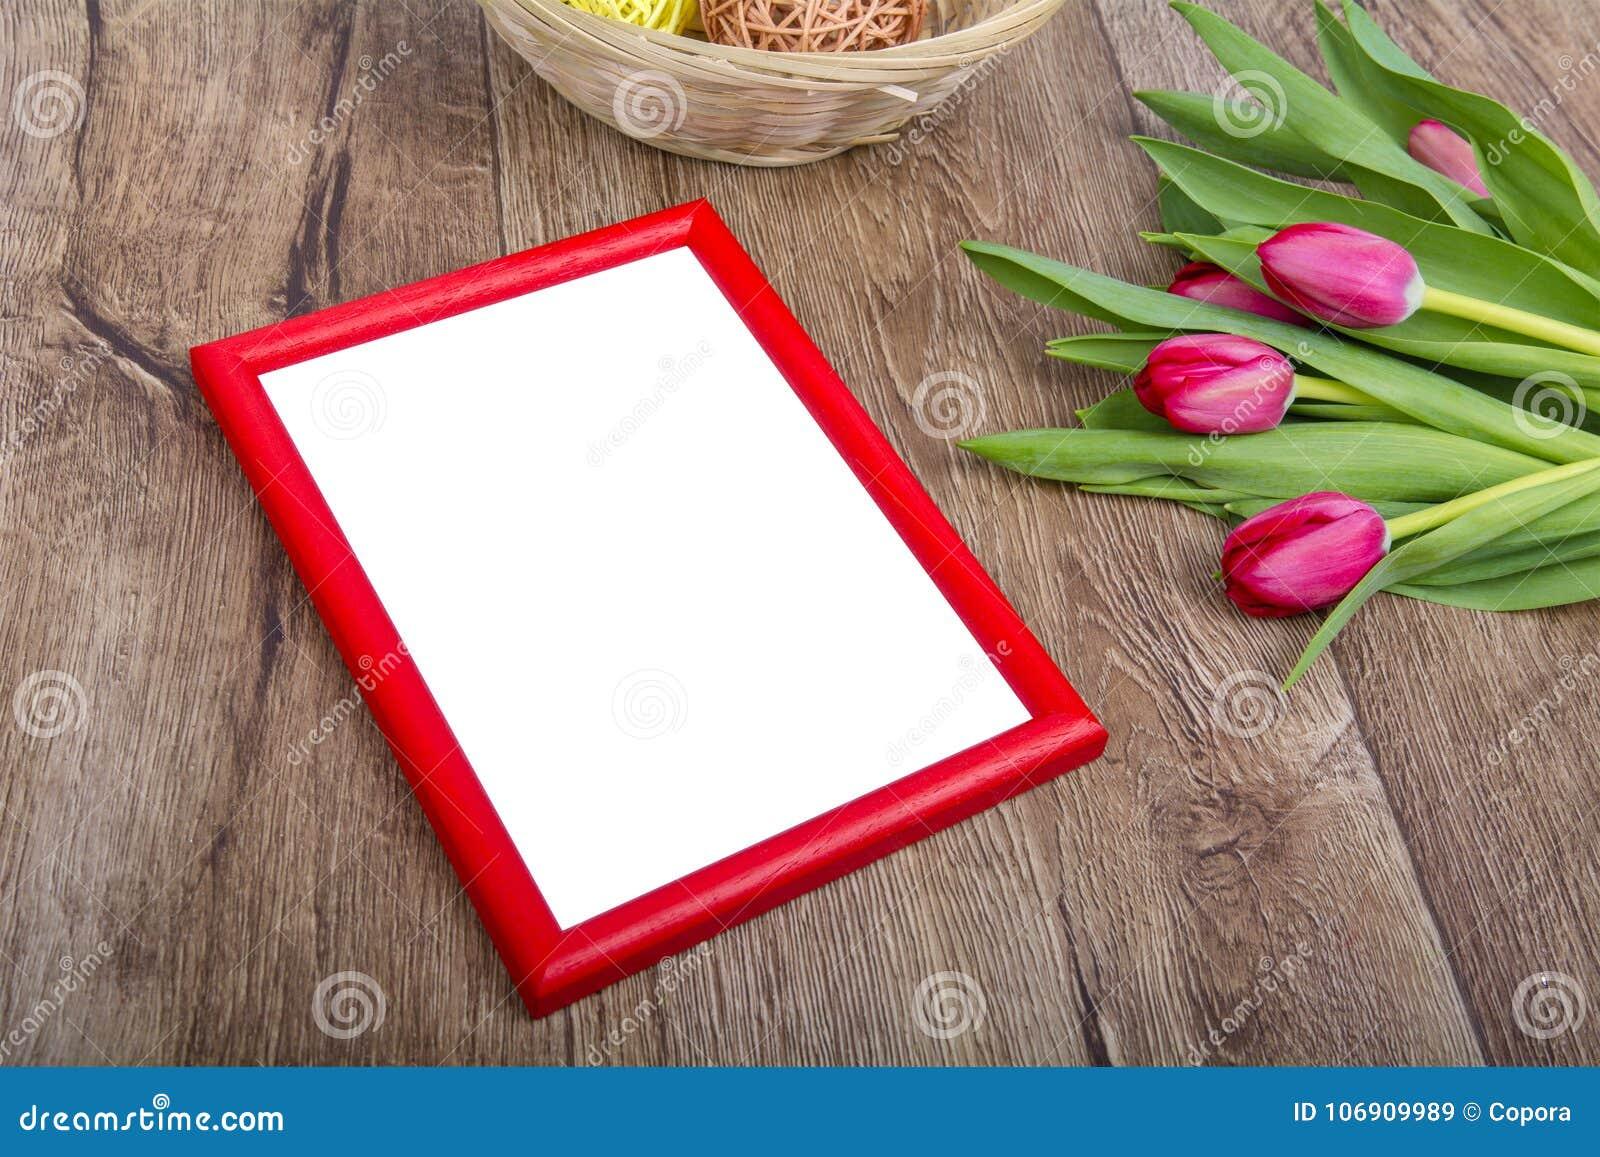 Czerwona fotografii rama, tulipany na stole i